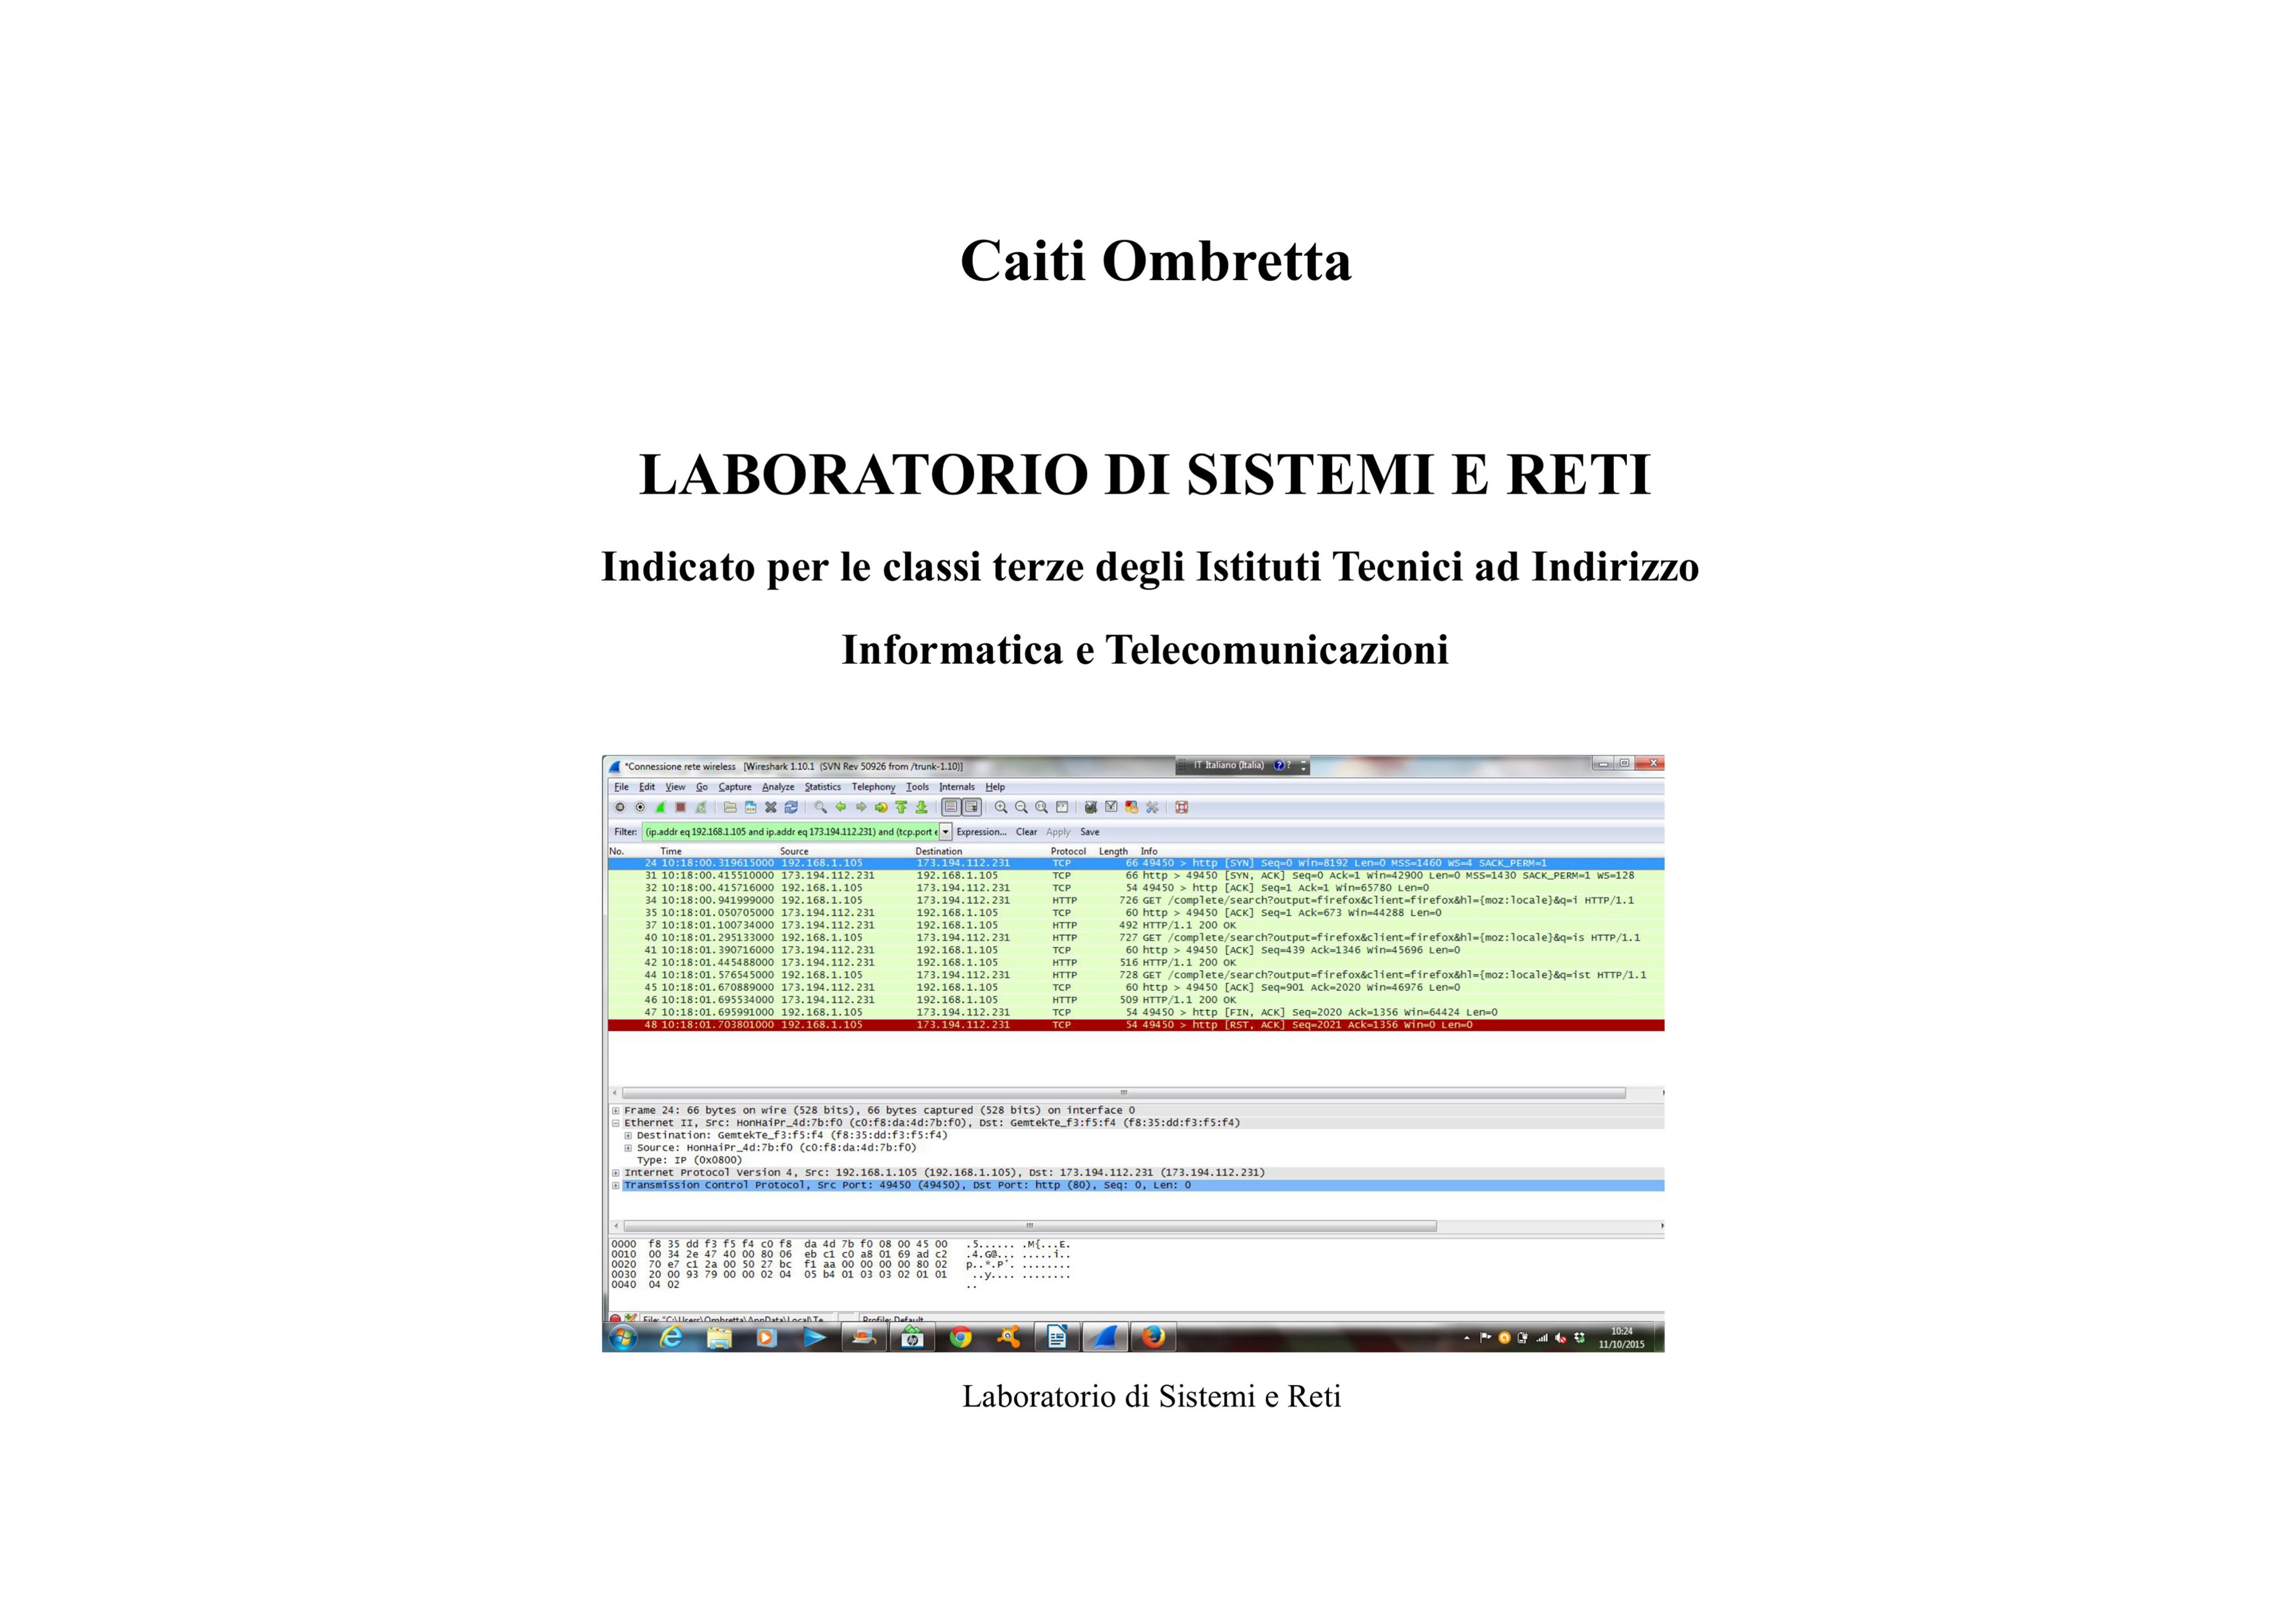 Laboratorio di Sistemi e reti